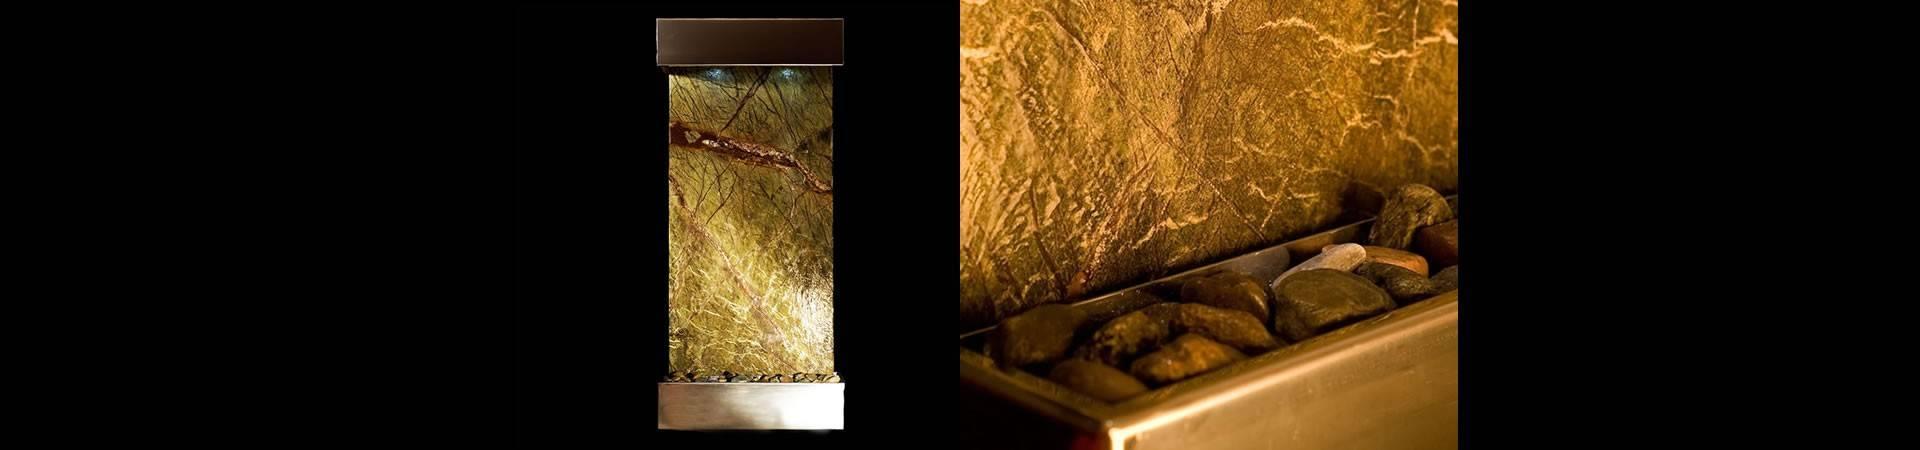 Fantana-de-perete-interior-tablou